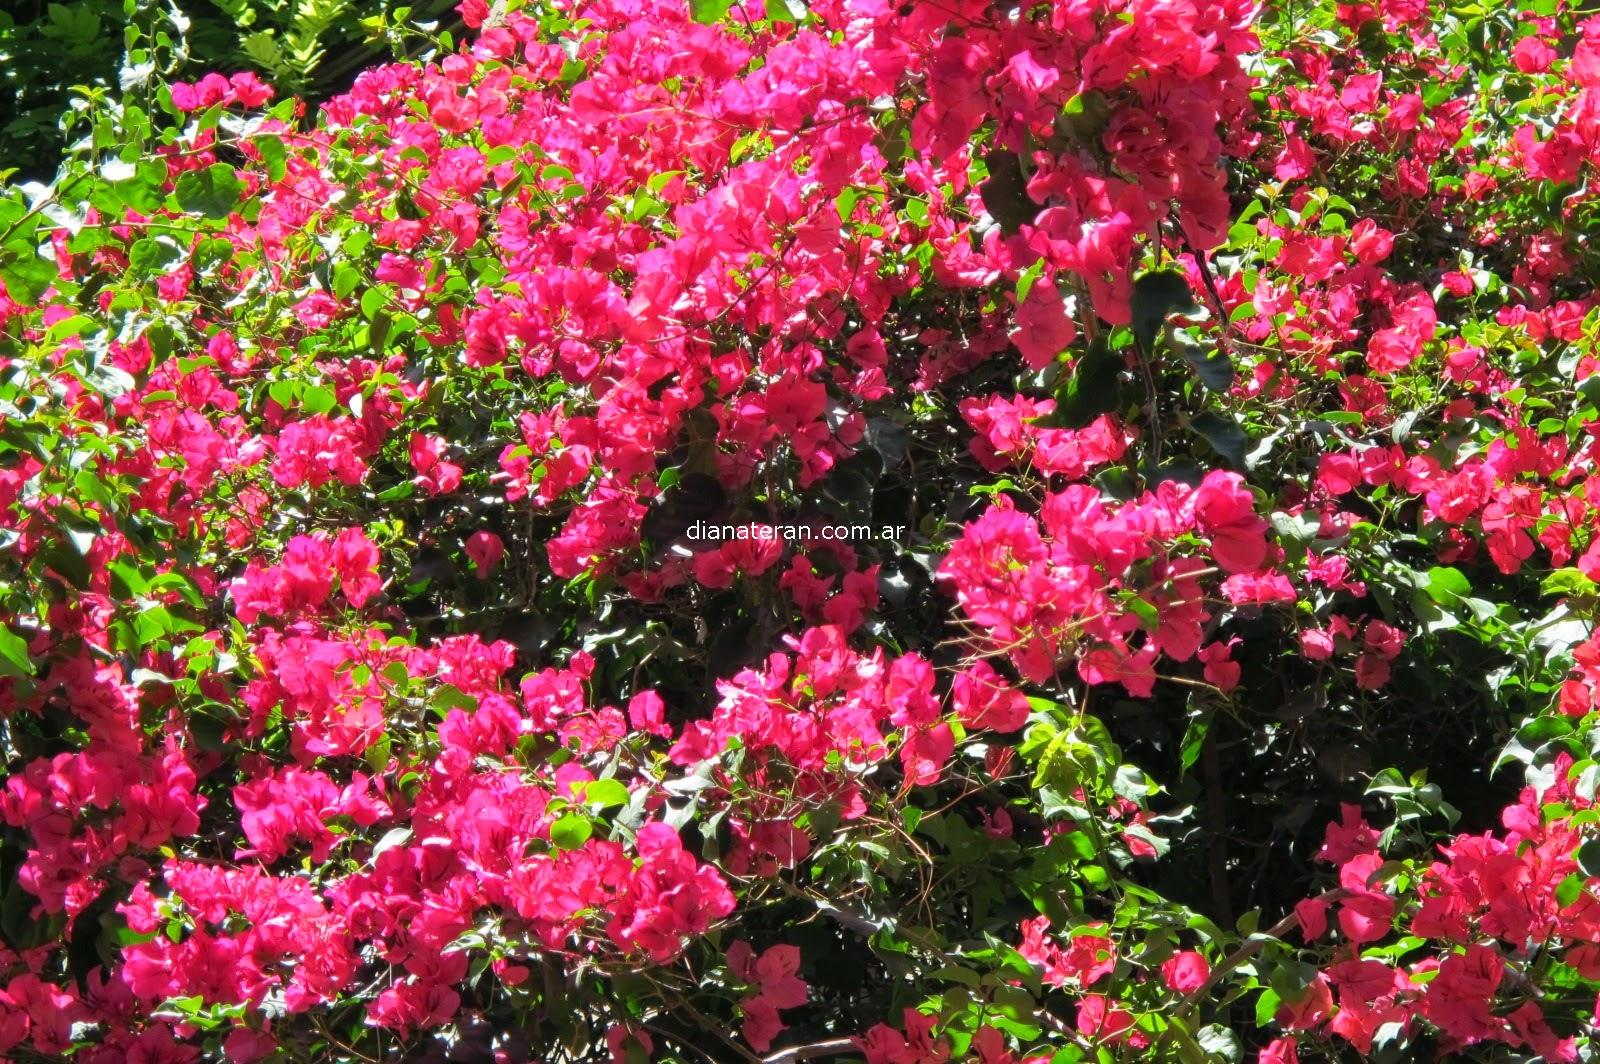 Imagenes De Plantas De Rosas - Fotos de flores rosas Fotos de flor rosa Infojardín